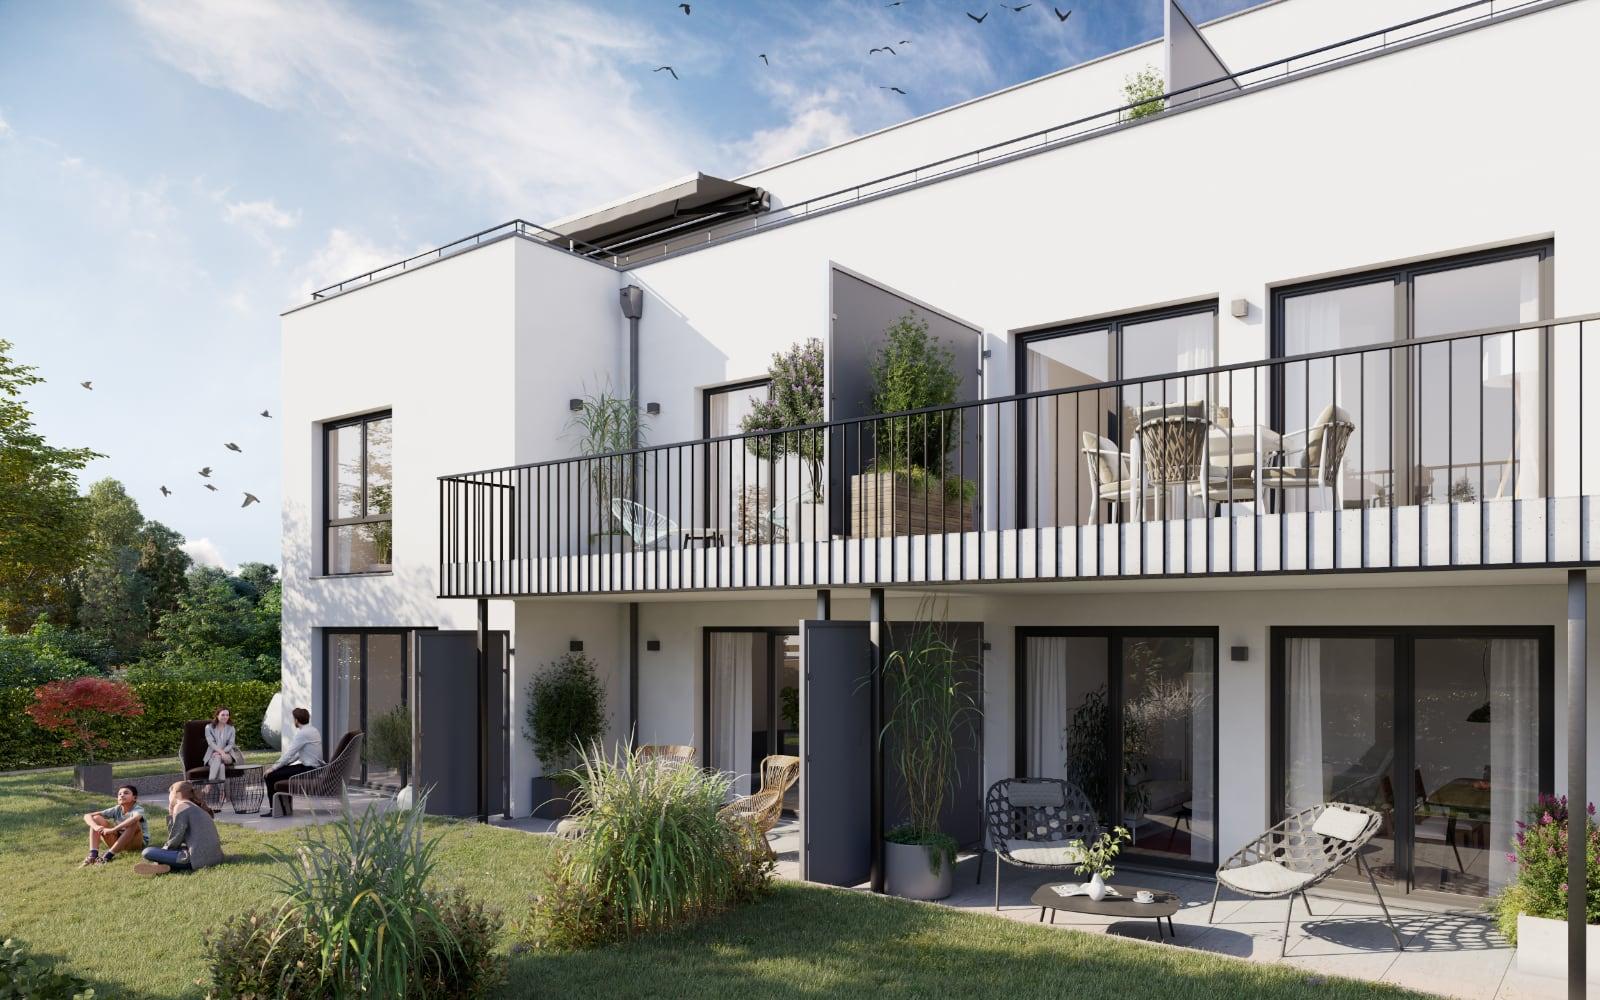 Bibert Terrassen in Zirndorf - Terrassen und Balkone